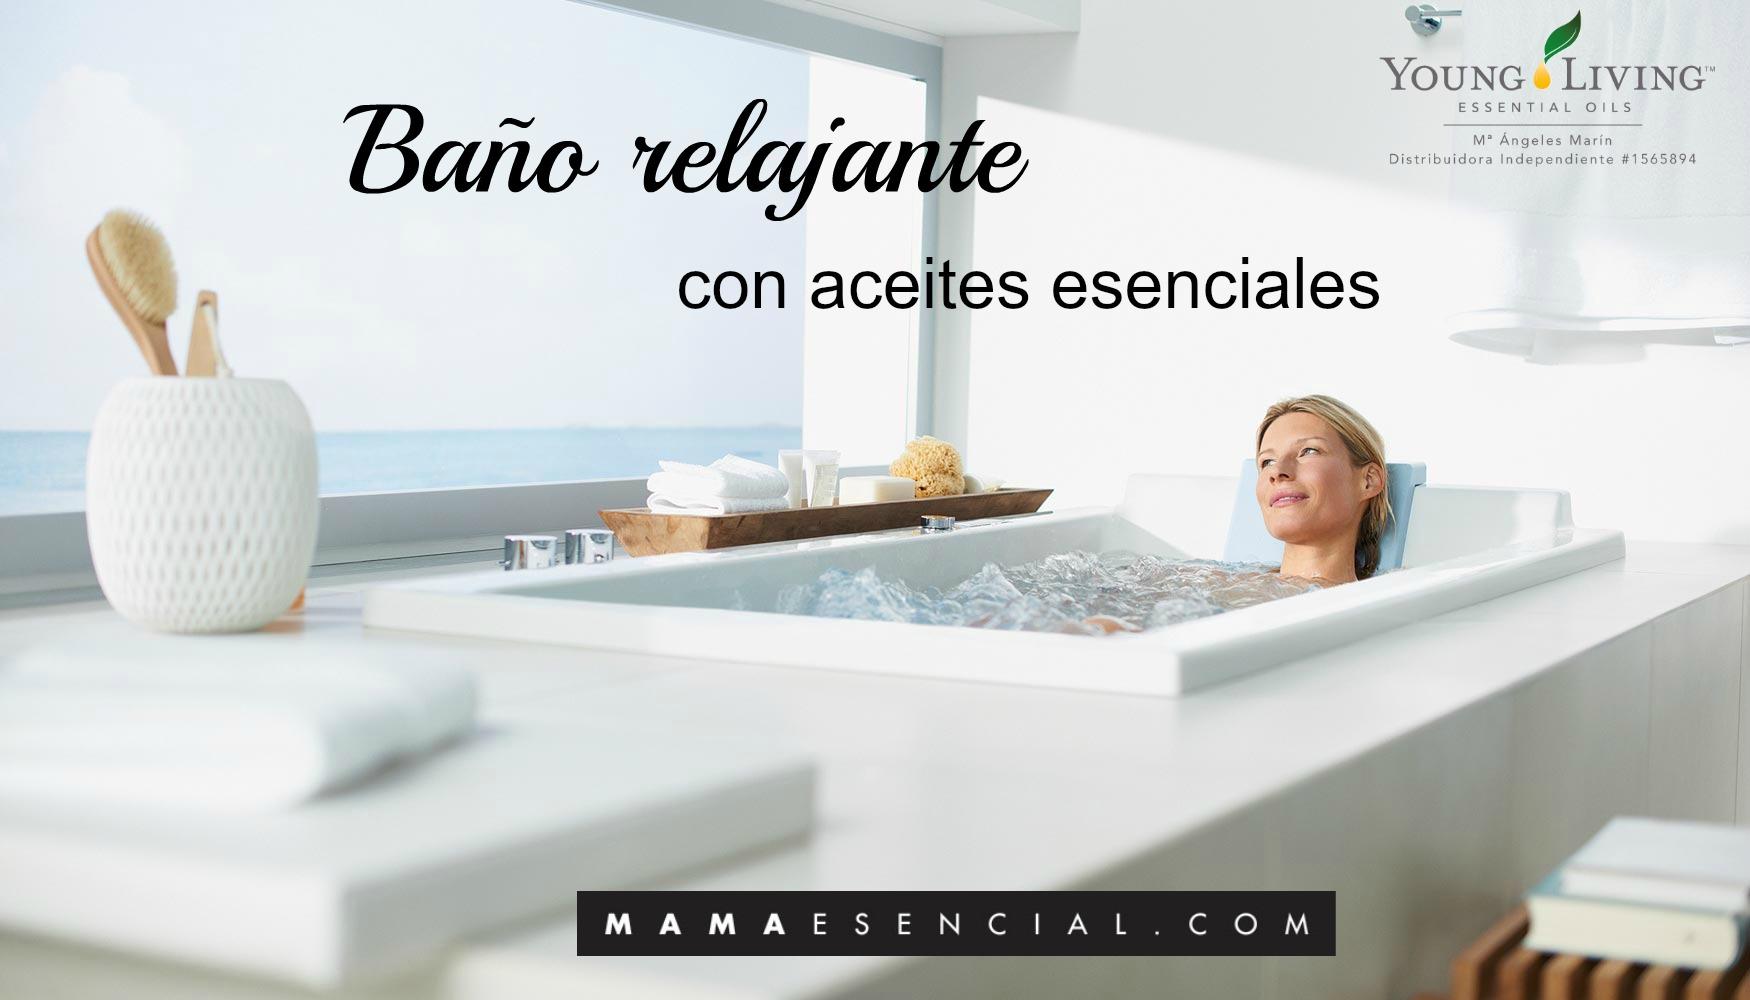 BAÑO AROMATICO CON ACEITES ESENCIALES